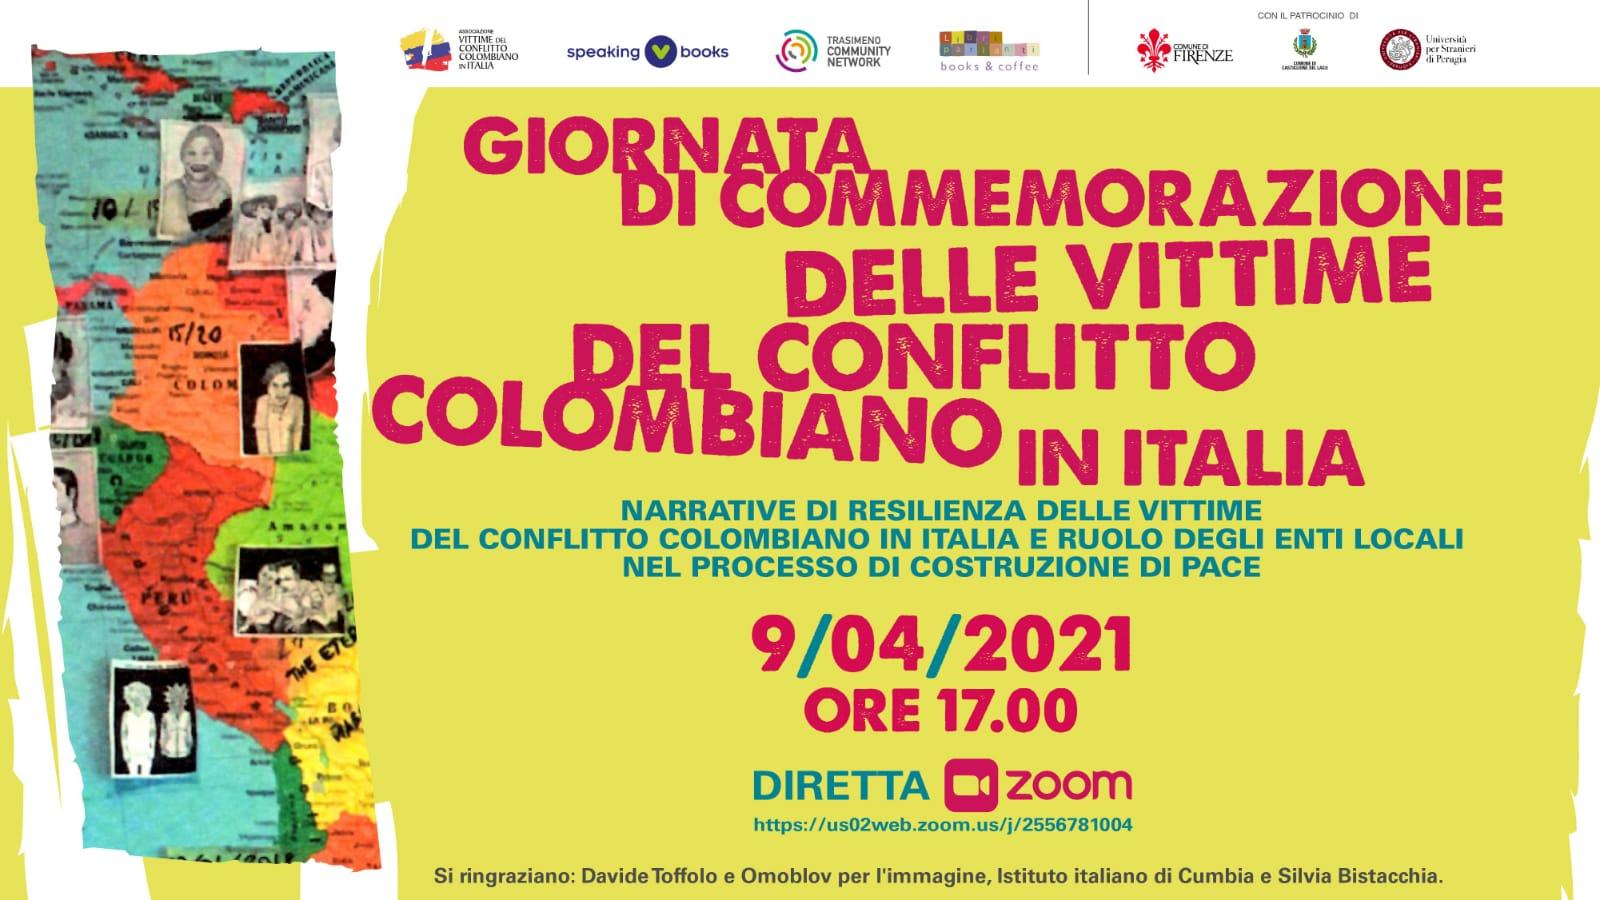 Giornata vittime conflitto colombiano – Anche in Italia la commemorazione